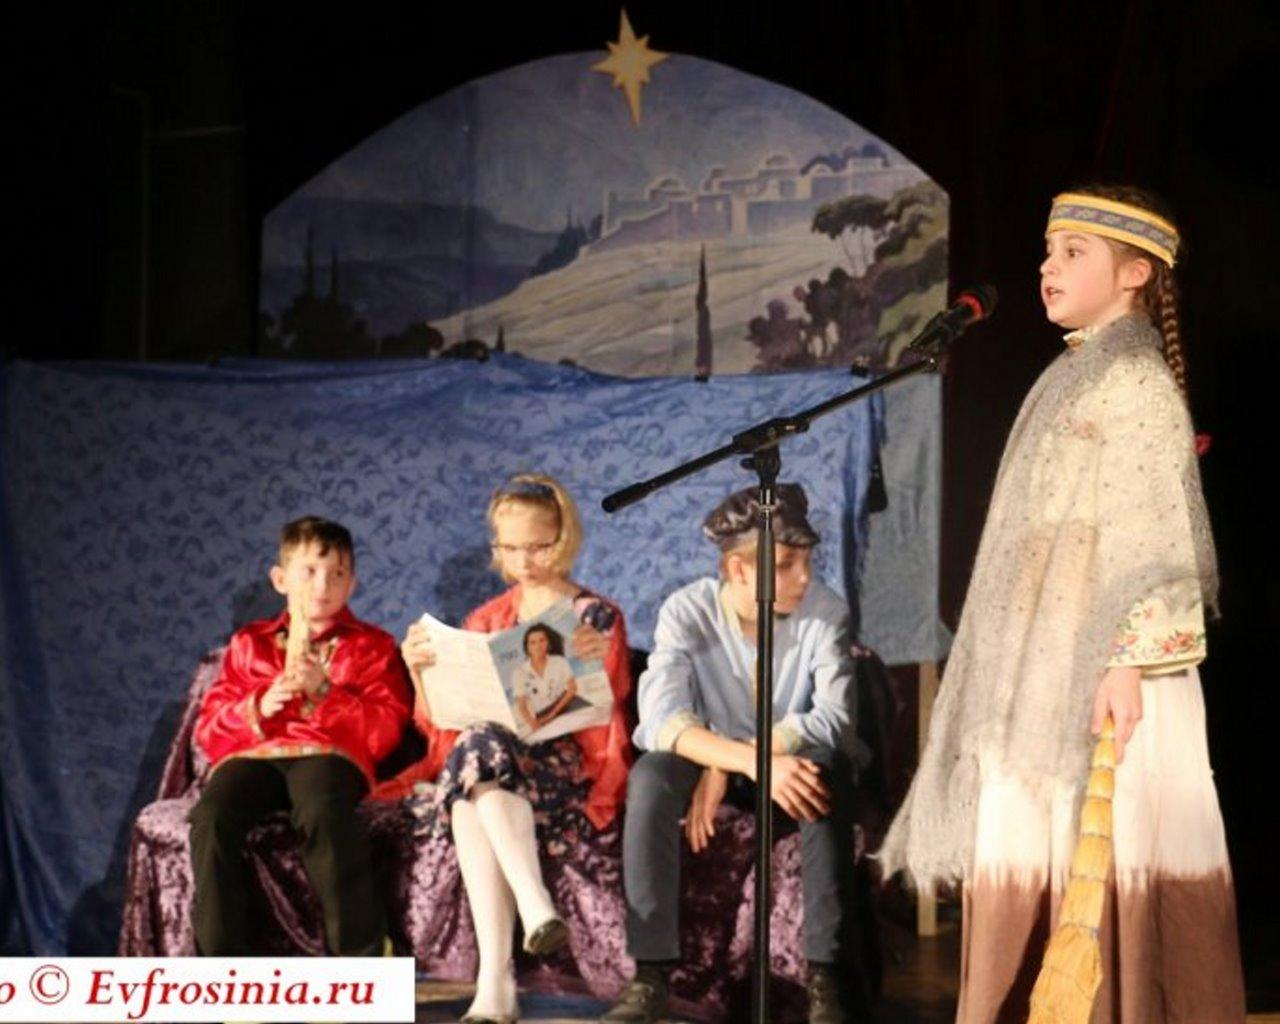 В Воскресной школе храма Преподобной Евфросинии, Великой княгини Московской, в Котловке состоялся Рождественский концерт